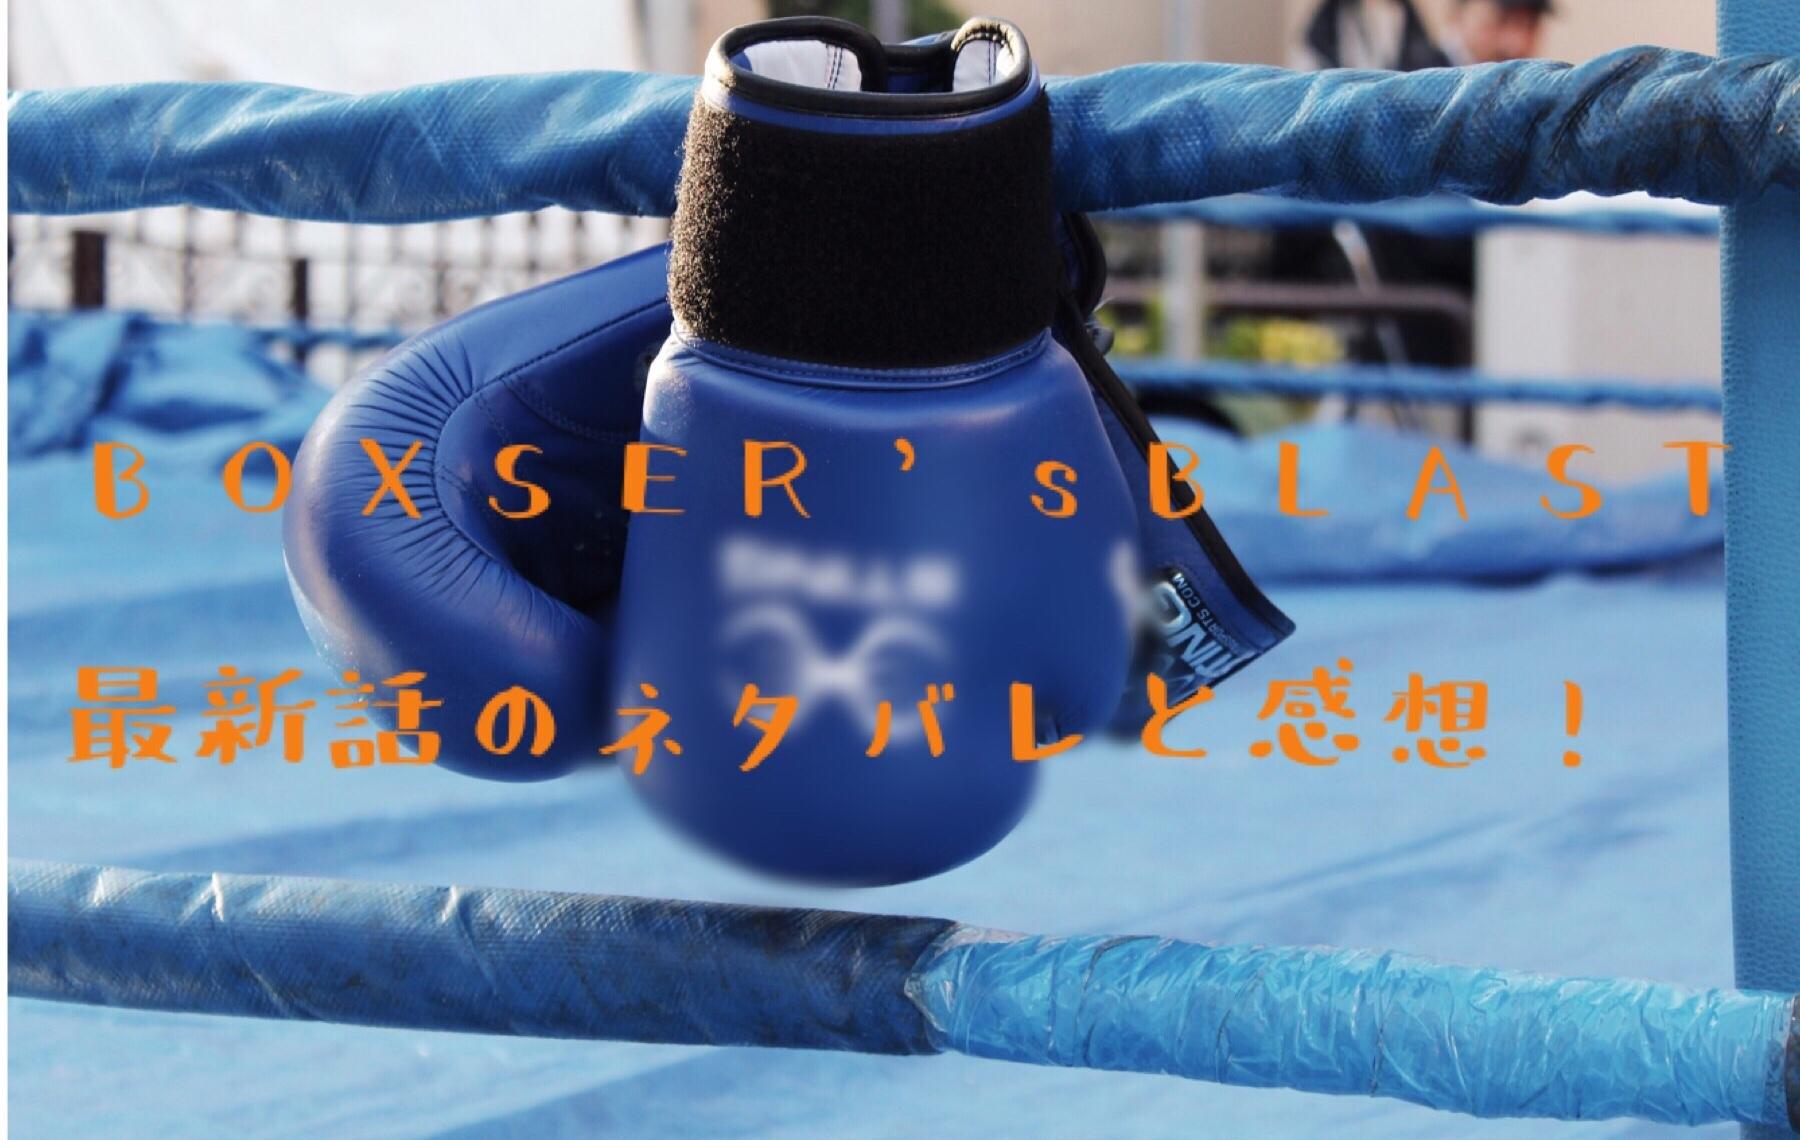 BOXER's BLASTボクサーズブラスト【ROUND2】決意の朝 最新話のネタバレと感想!